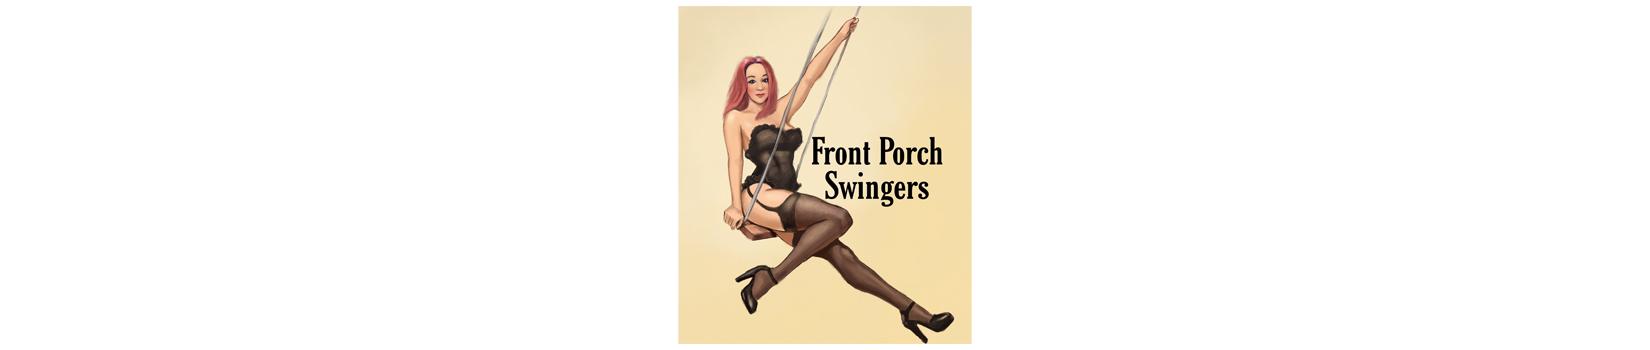 front porch swingers